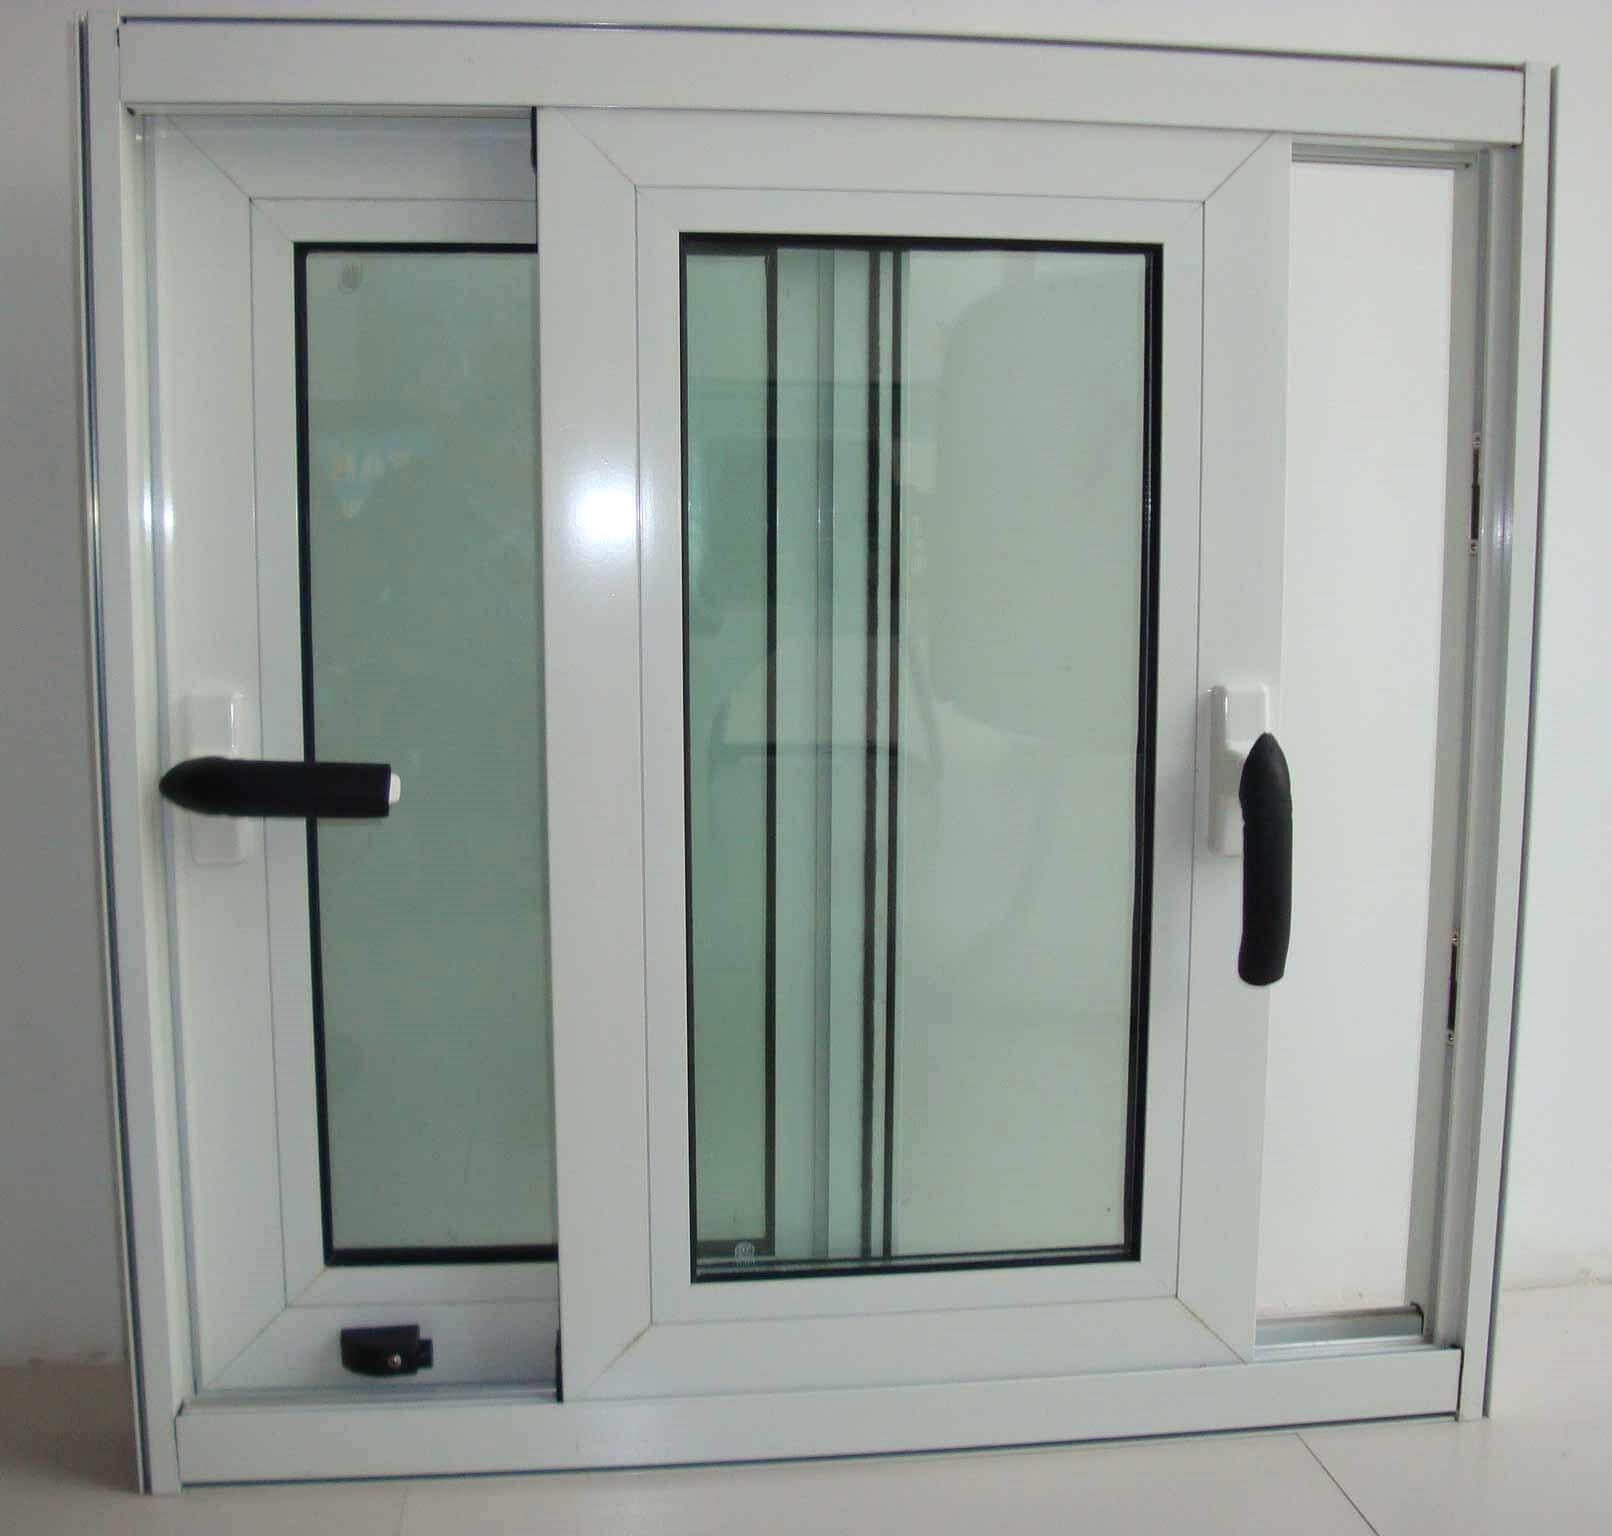 B n ficier d une parfaite isolation avec les fen tres for Reduire fenetre windows